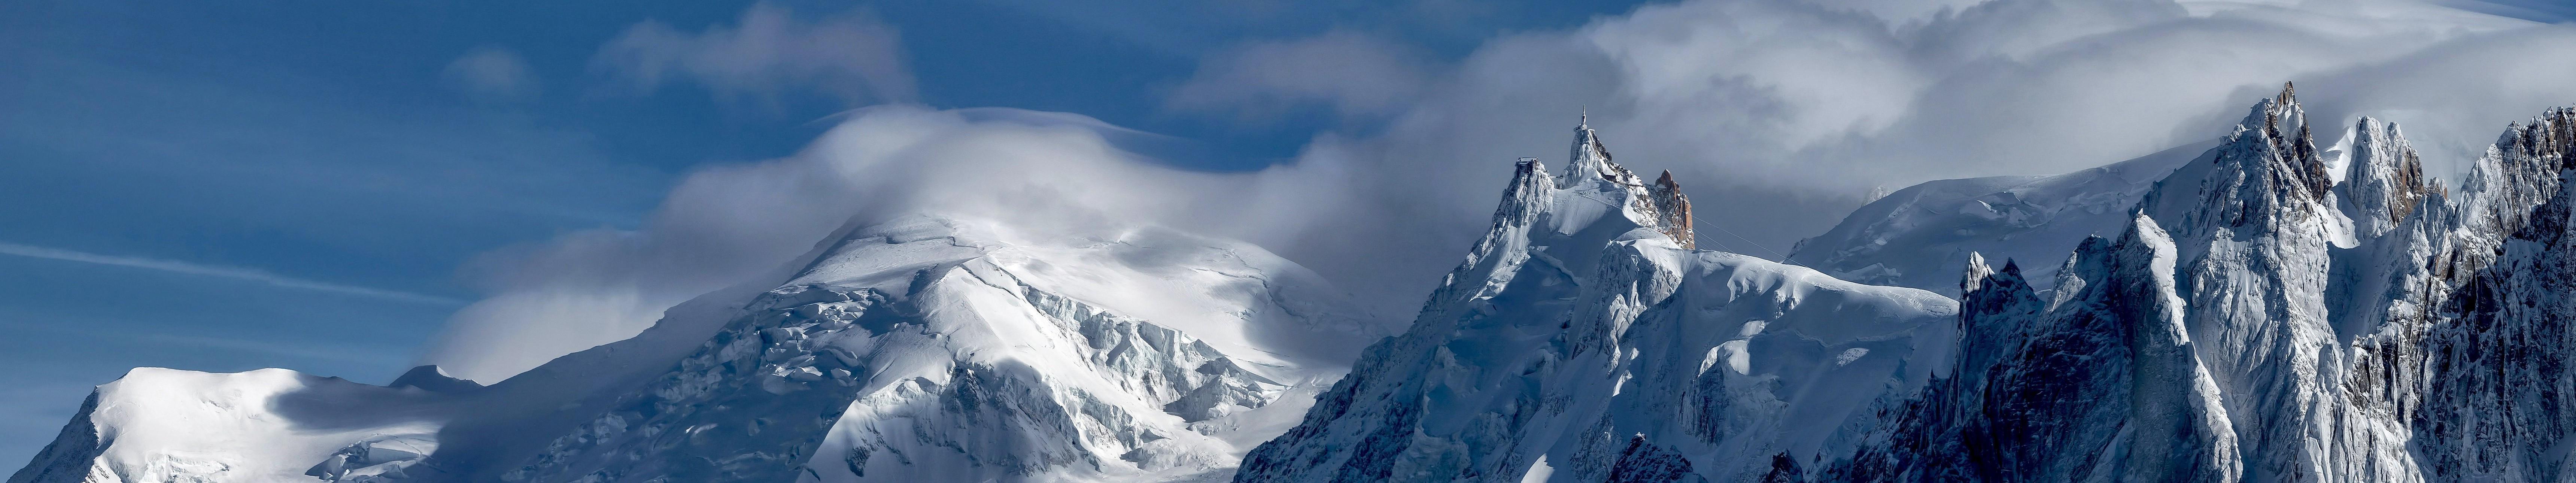 Landscape Triple Screen Snow Mountain Wallpapers HD Desktop